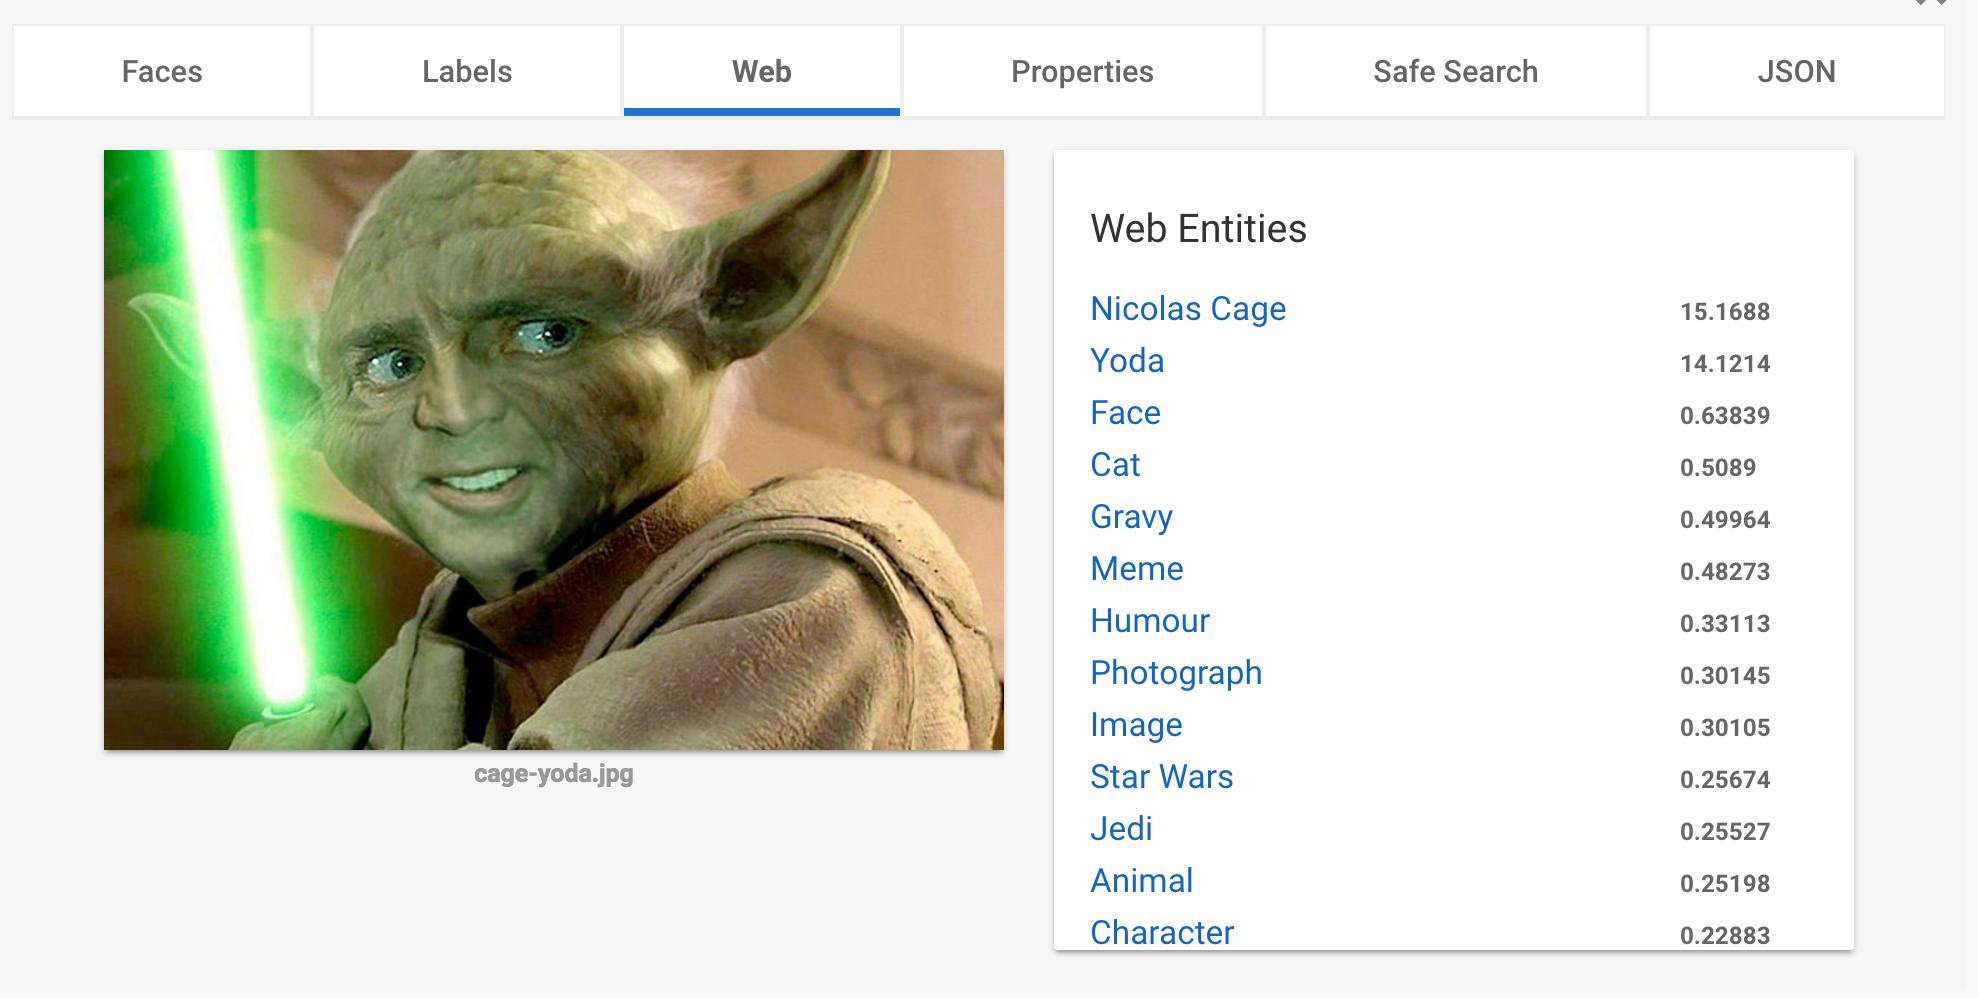 Nicolas Cage and Yoda